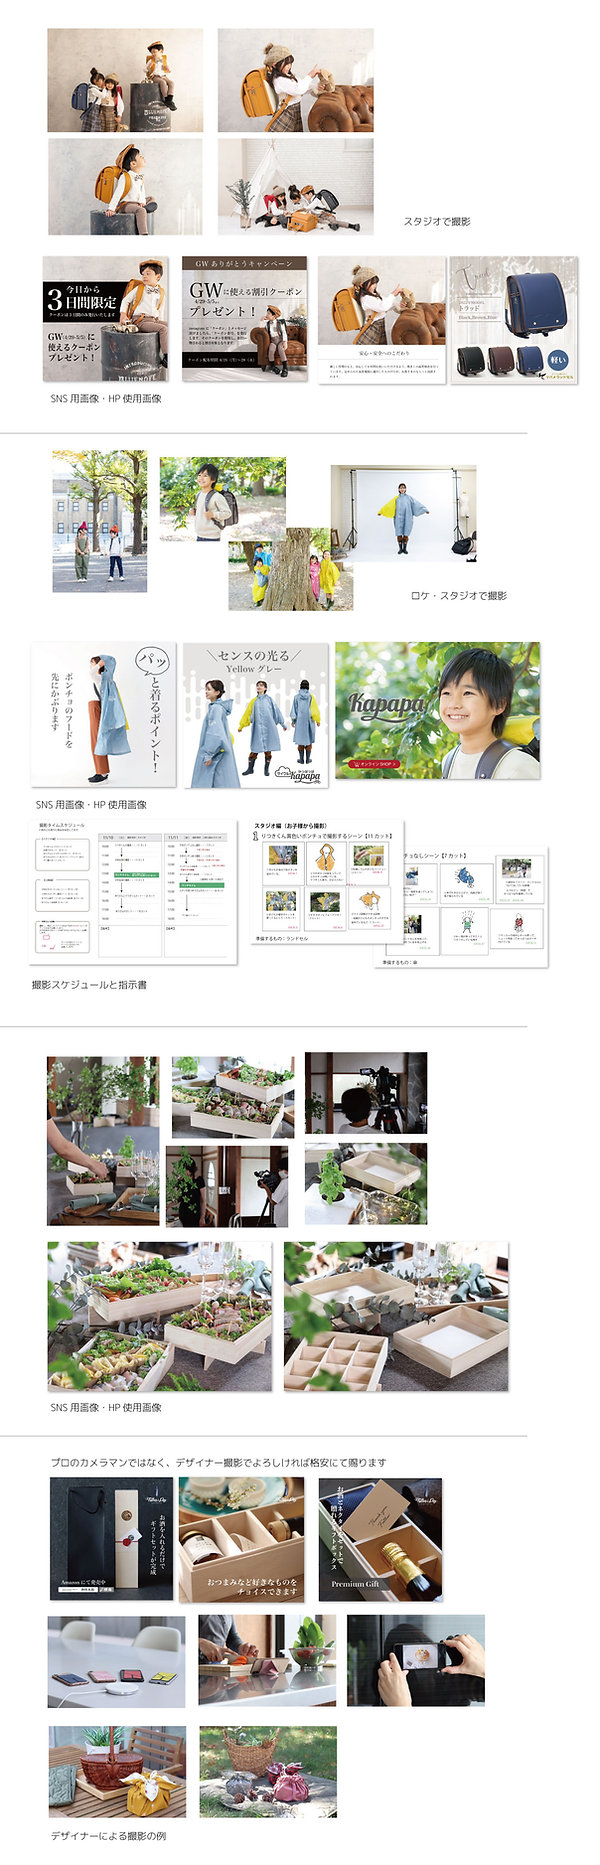 design7.jpg